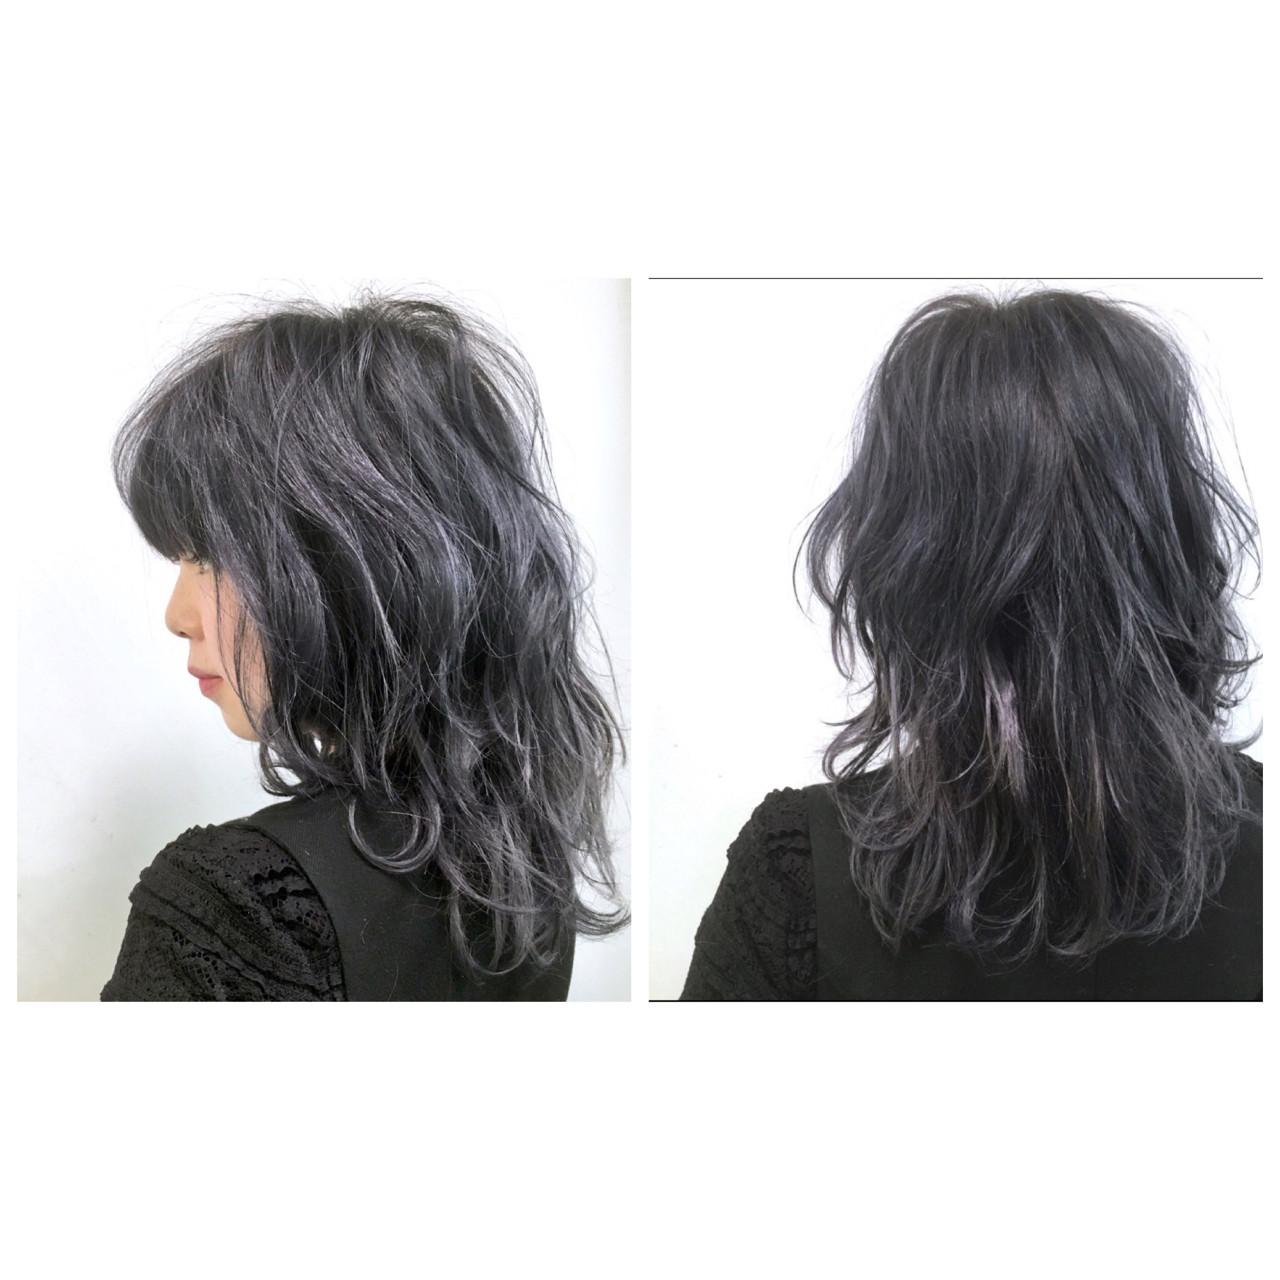 セミロング グレー ミディアム ストリート ヘアスタイルや髪型の写真・画像 | Daichi shimazu / hairsalon M 大宮